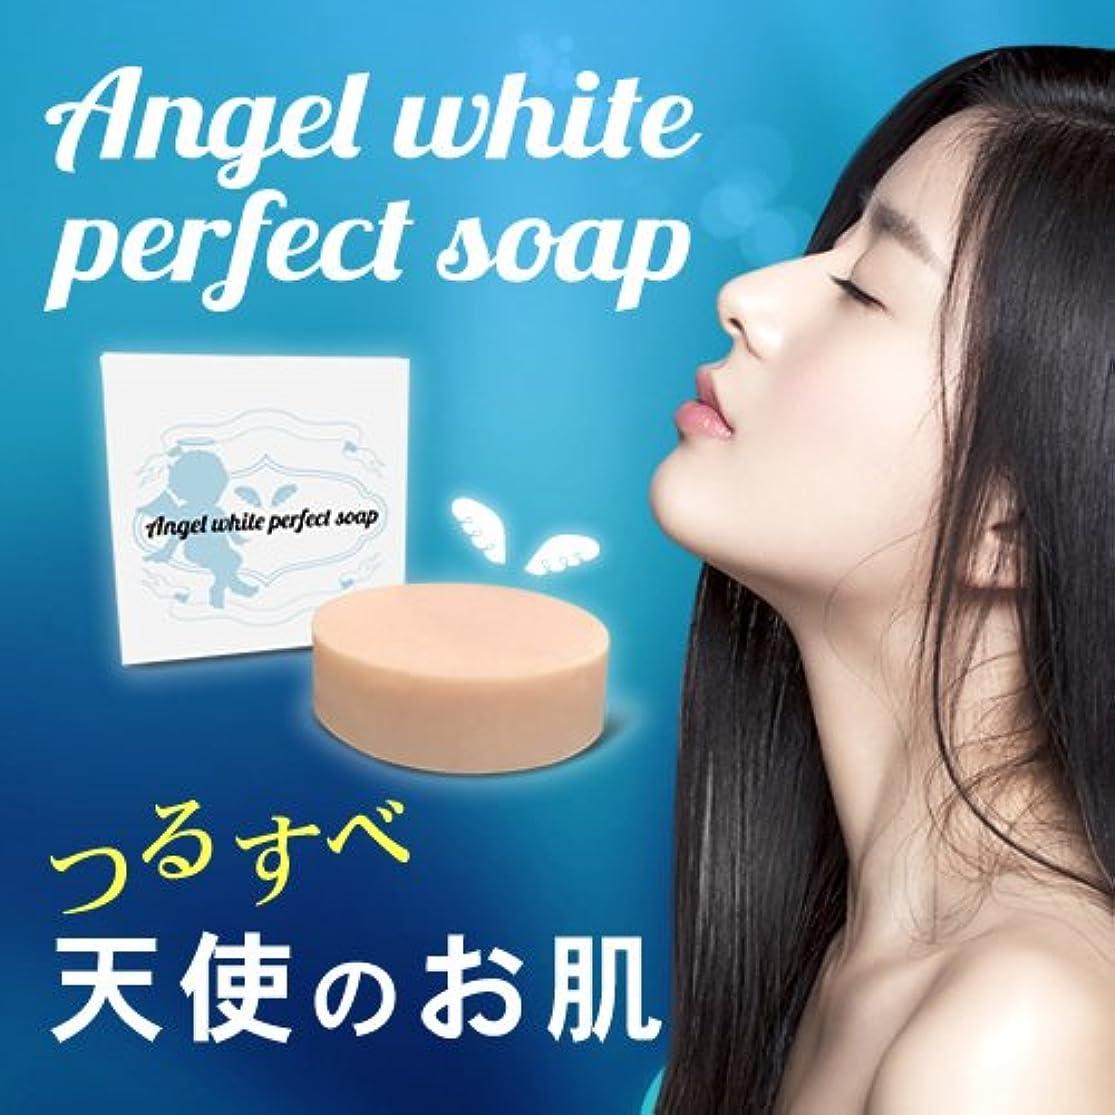 パリティステーキずらすAngel White Perfect Soap(エンジェルホワイトパーフェクトソープ) 美白 美白石けん 美肌 洗顔石鹸